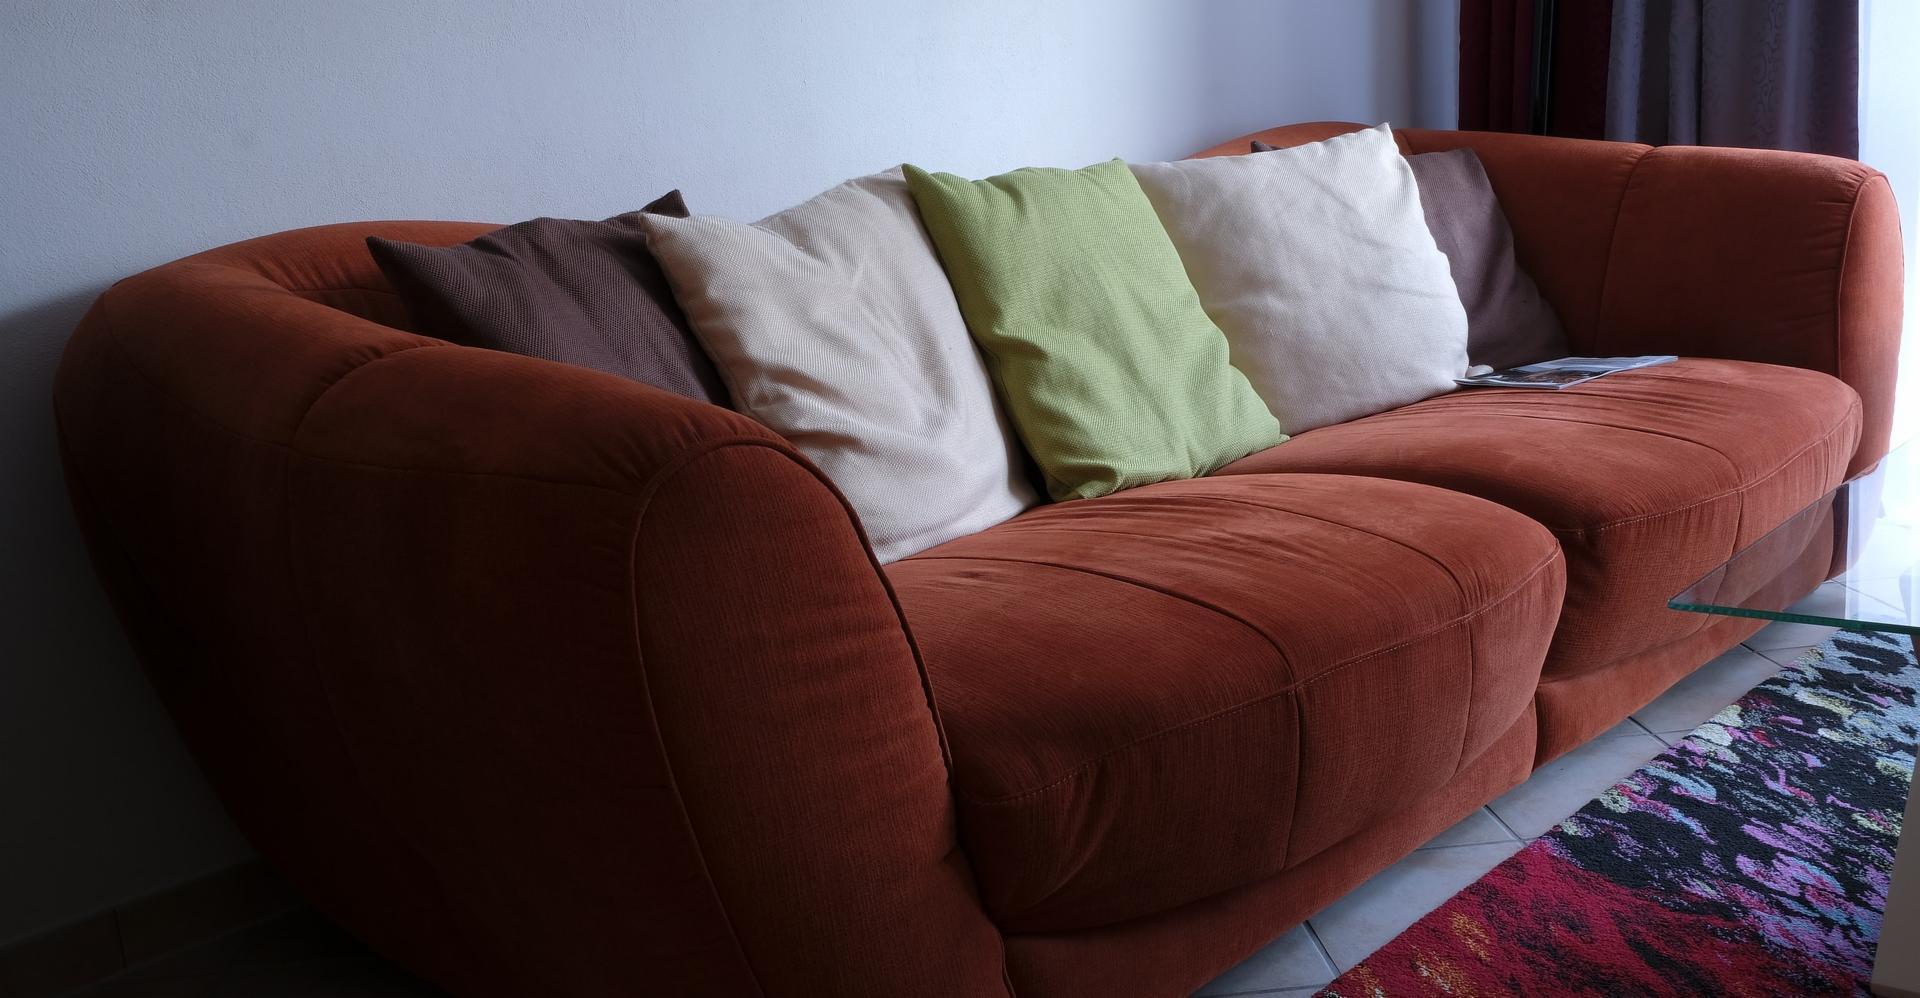 custom-Custom_Size___sofa-2777510_1920.jpg